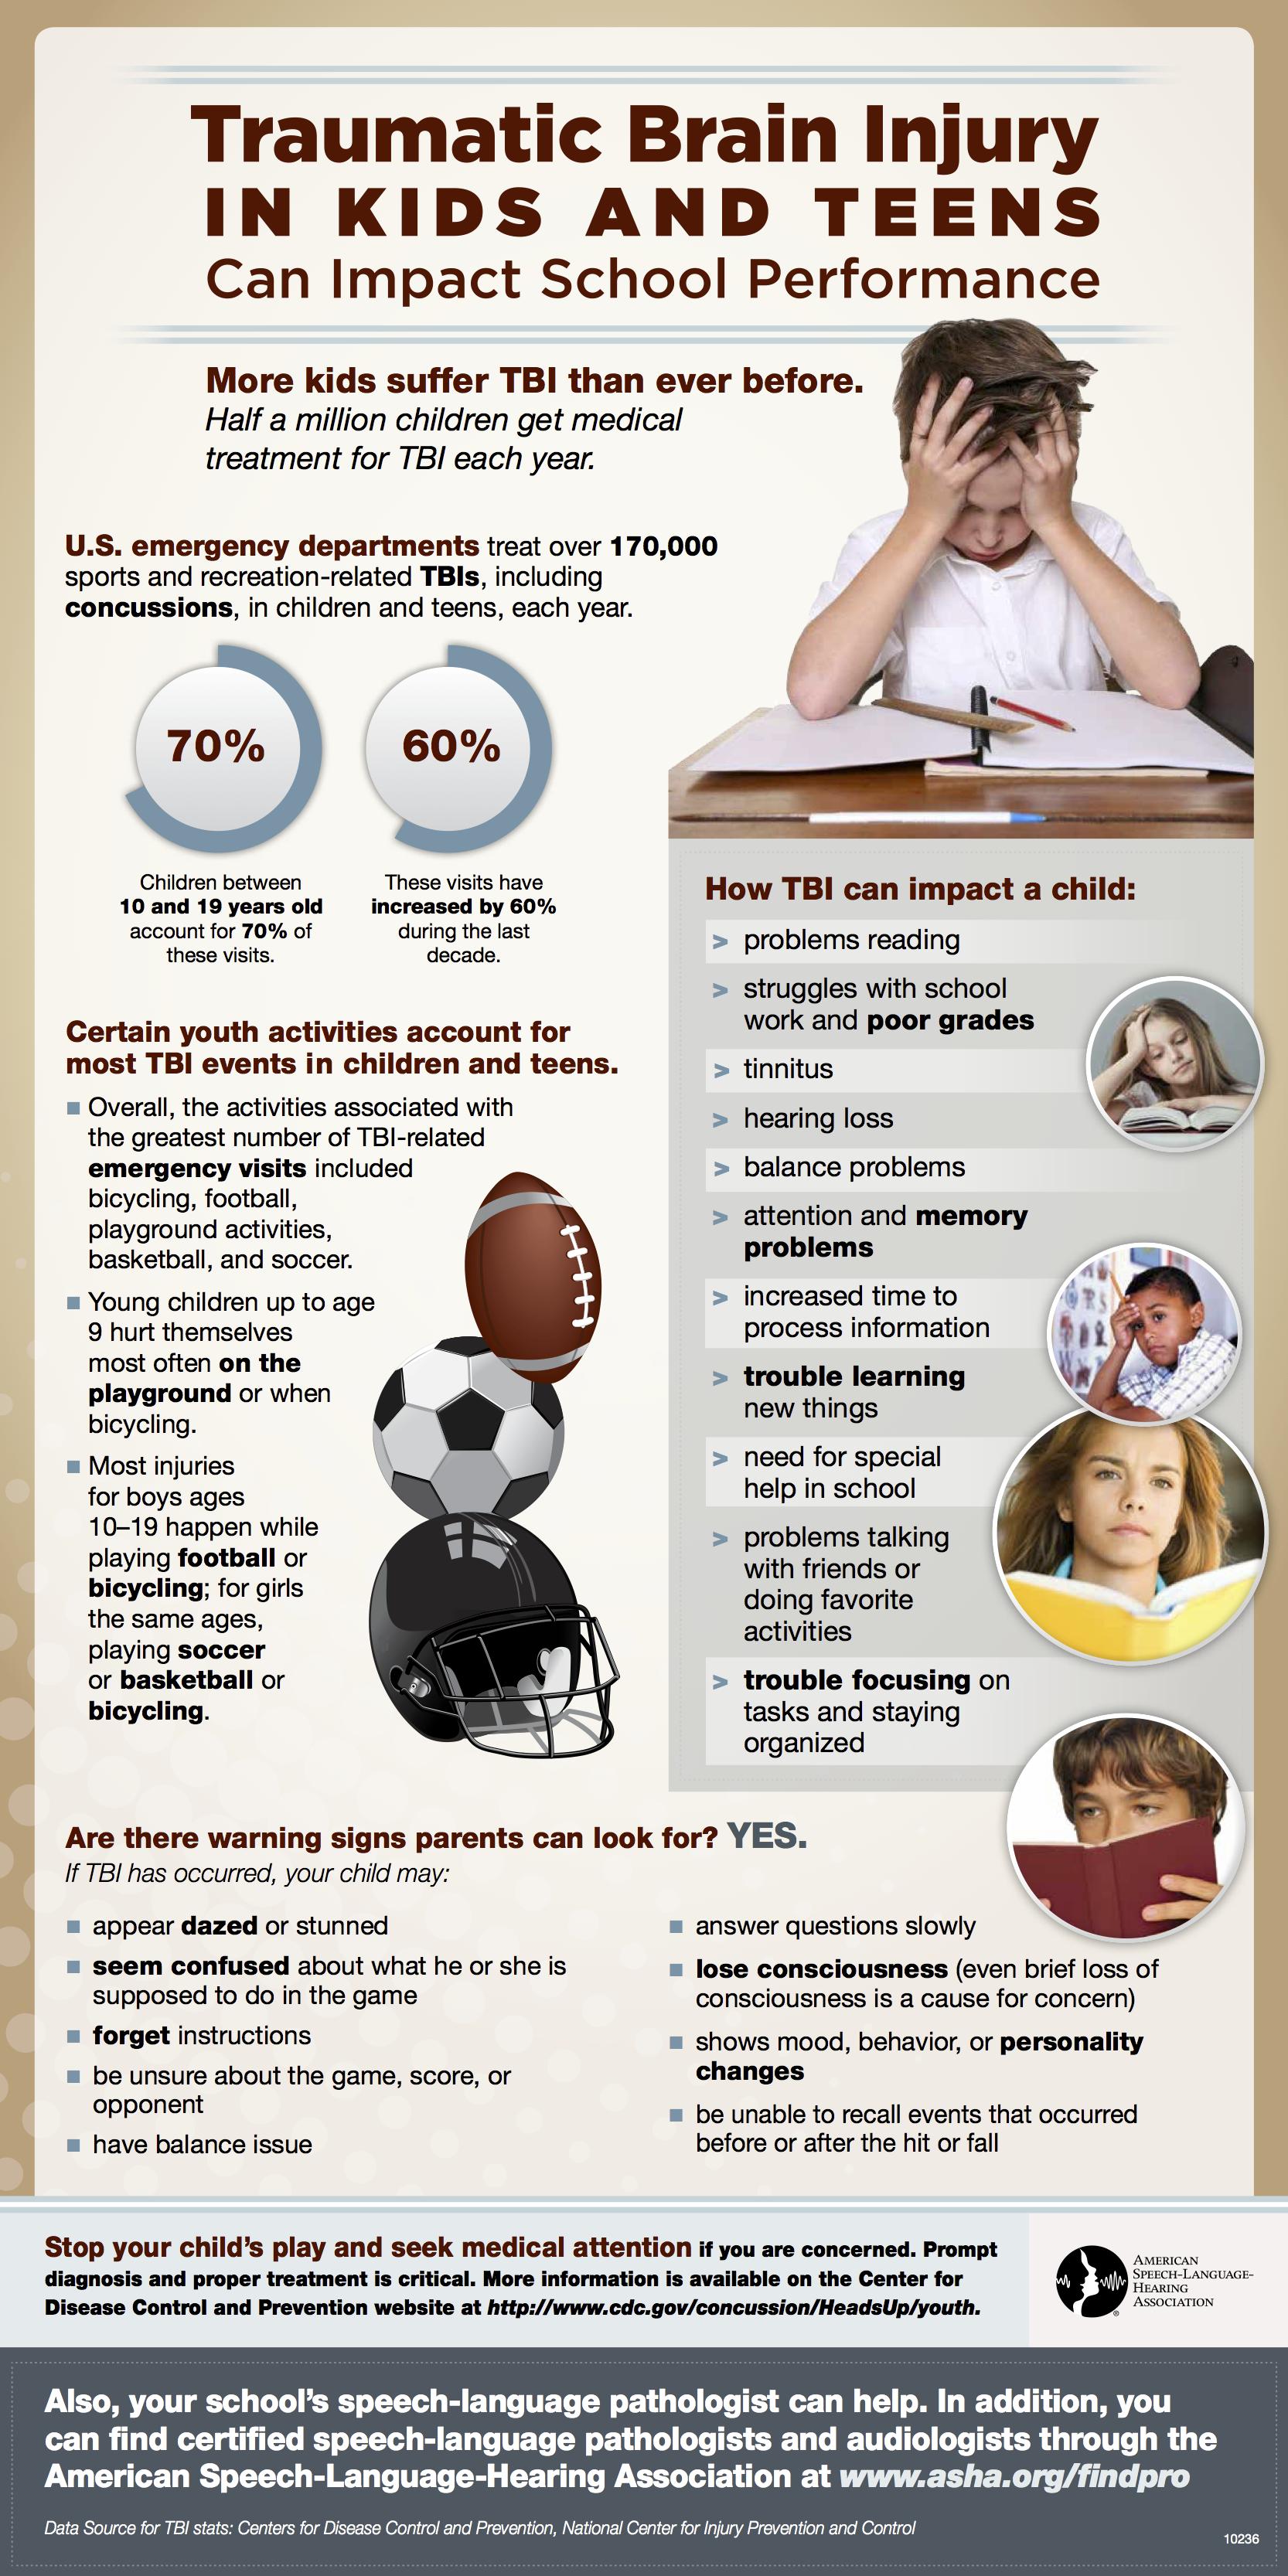 Traumatic Brain Injury for School Sports